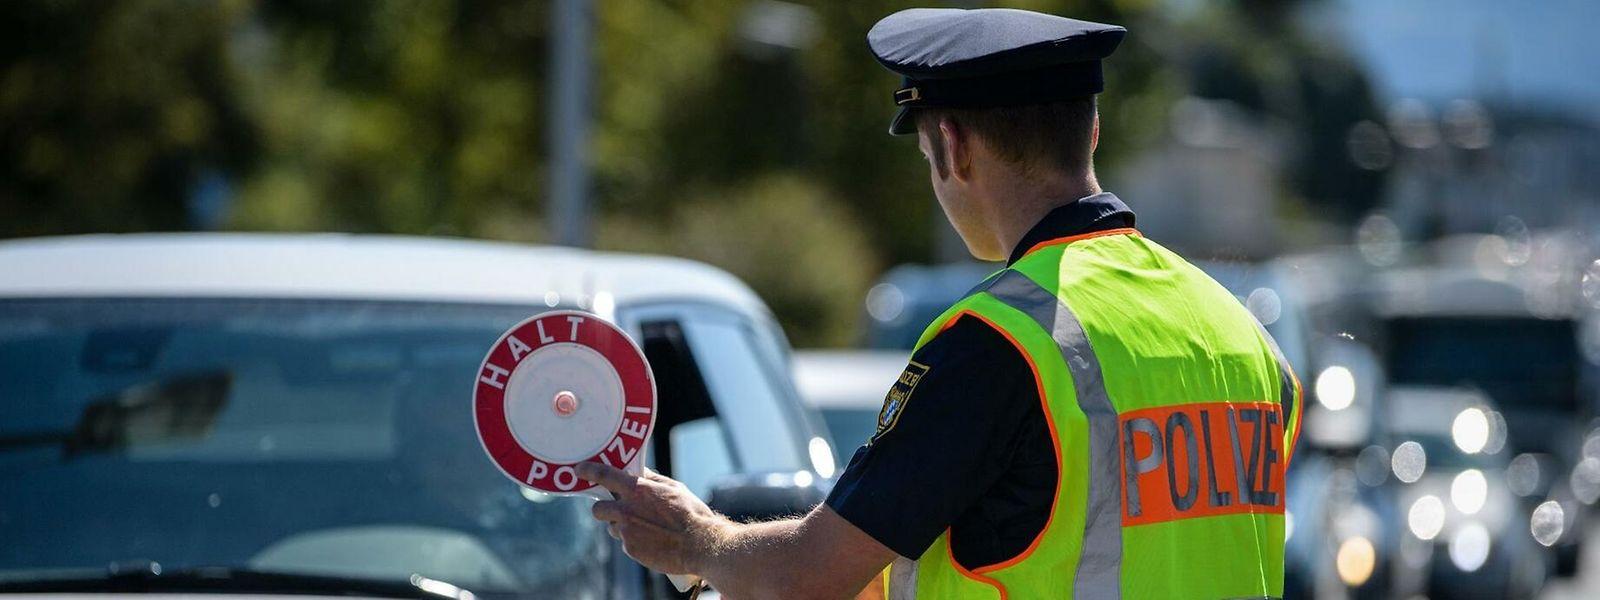 Les contrôles de police visant à vérifier les certificats covid seront aléatoires selon le Premier ministre bavarois.